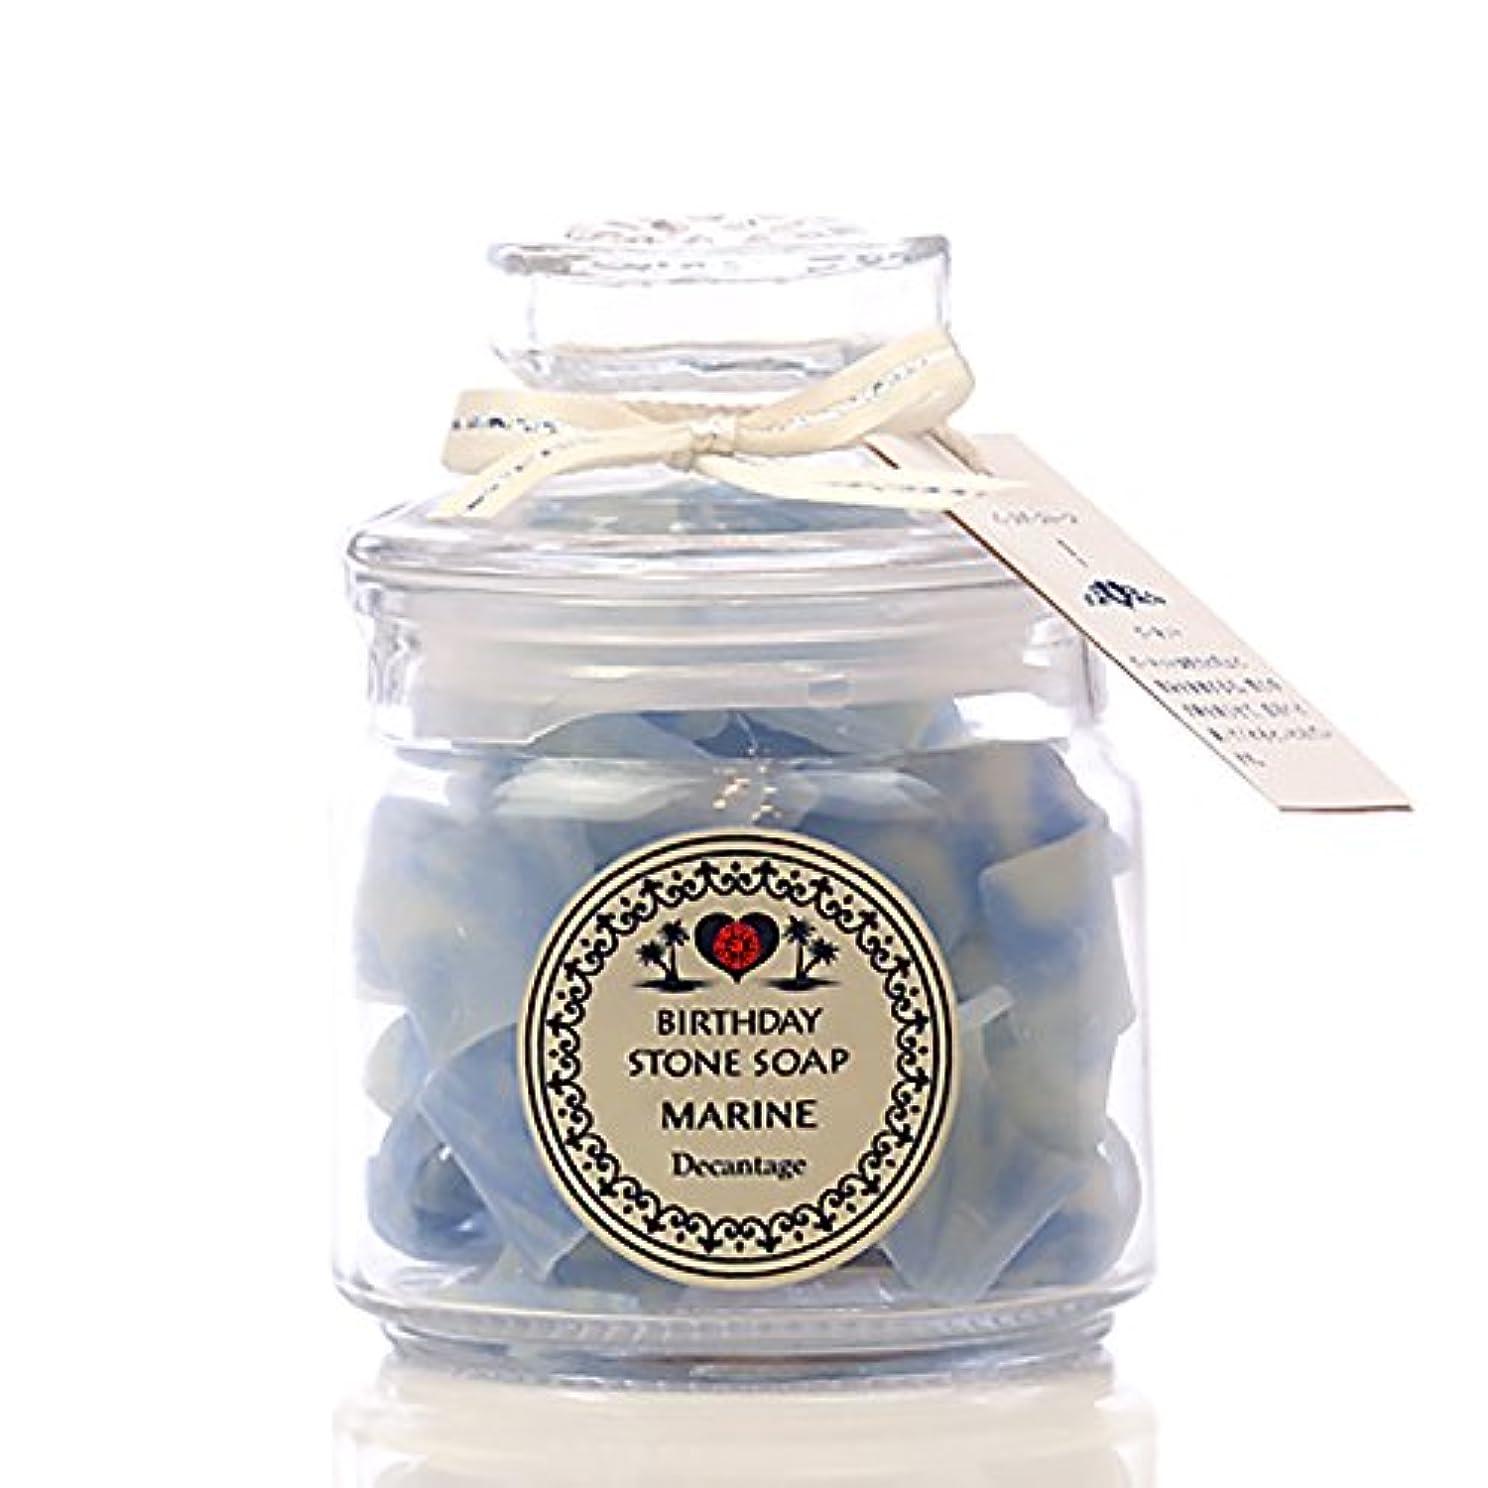 メロン廃棄りバースデーストーンソープ マリン(プレミアム) (1月)ガーネット(プルメリアの香り)